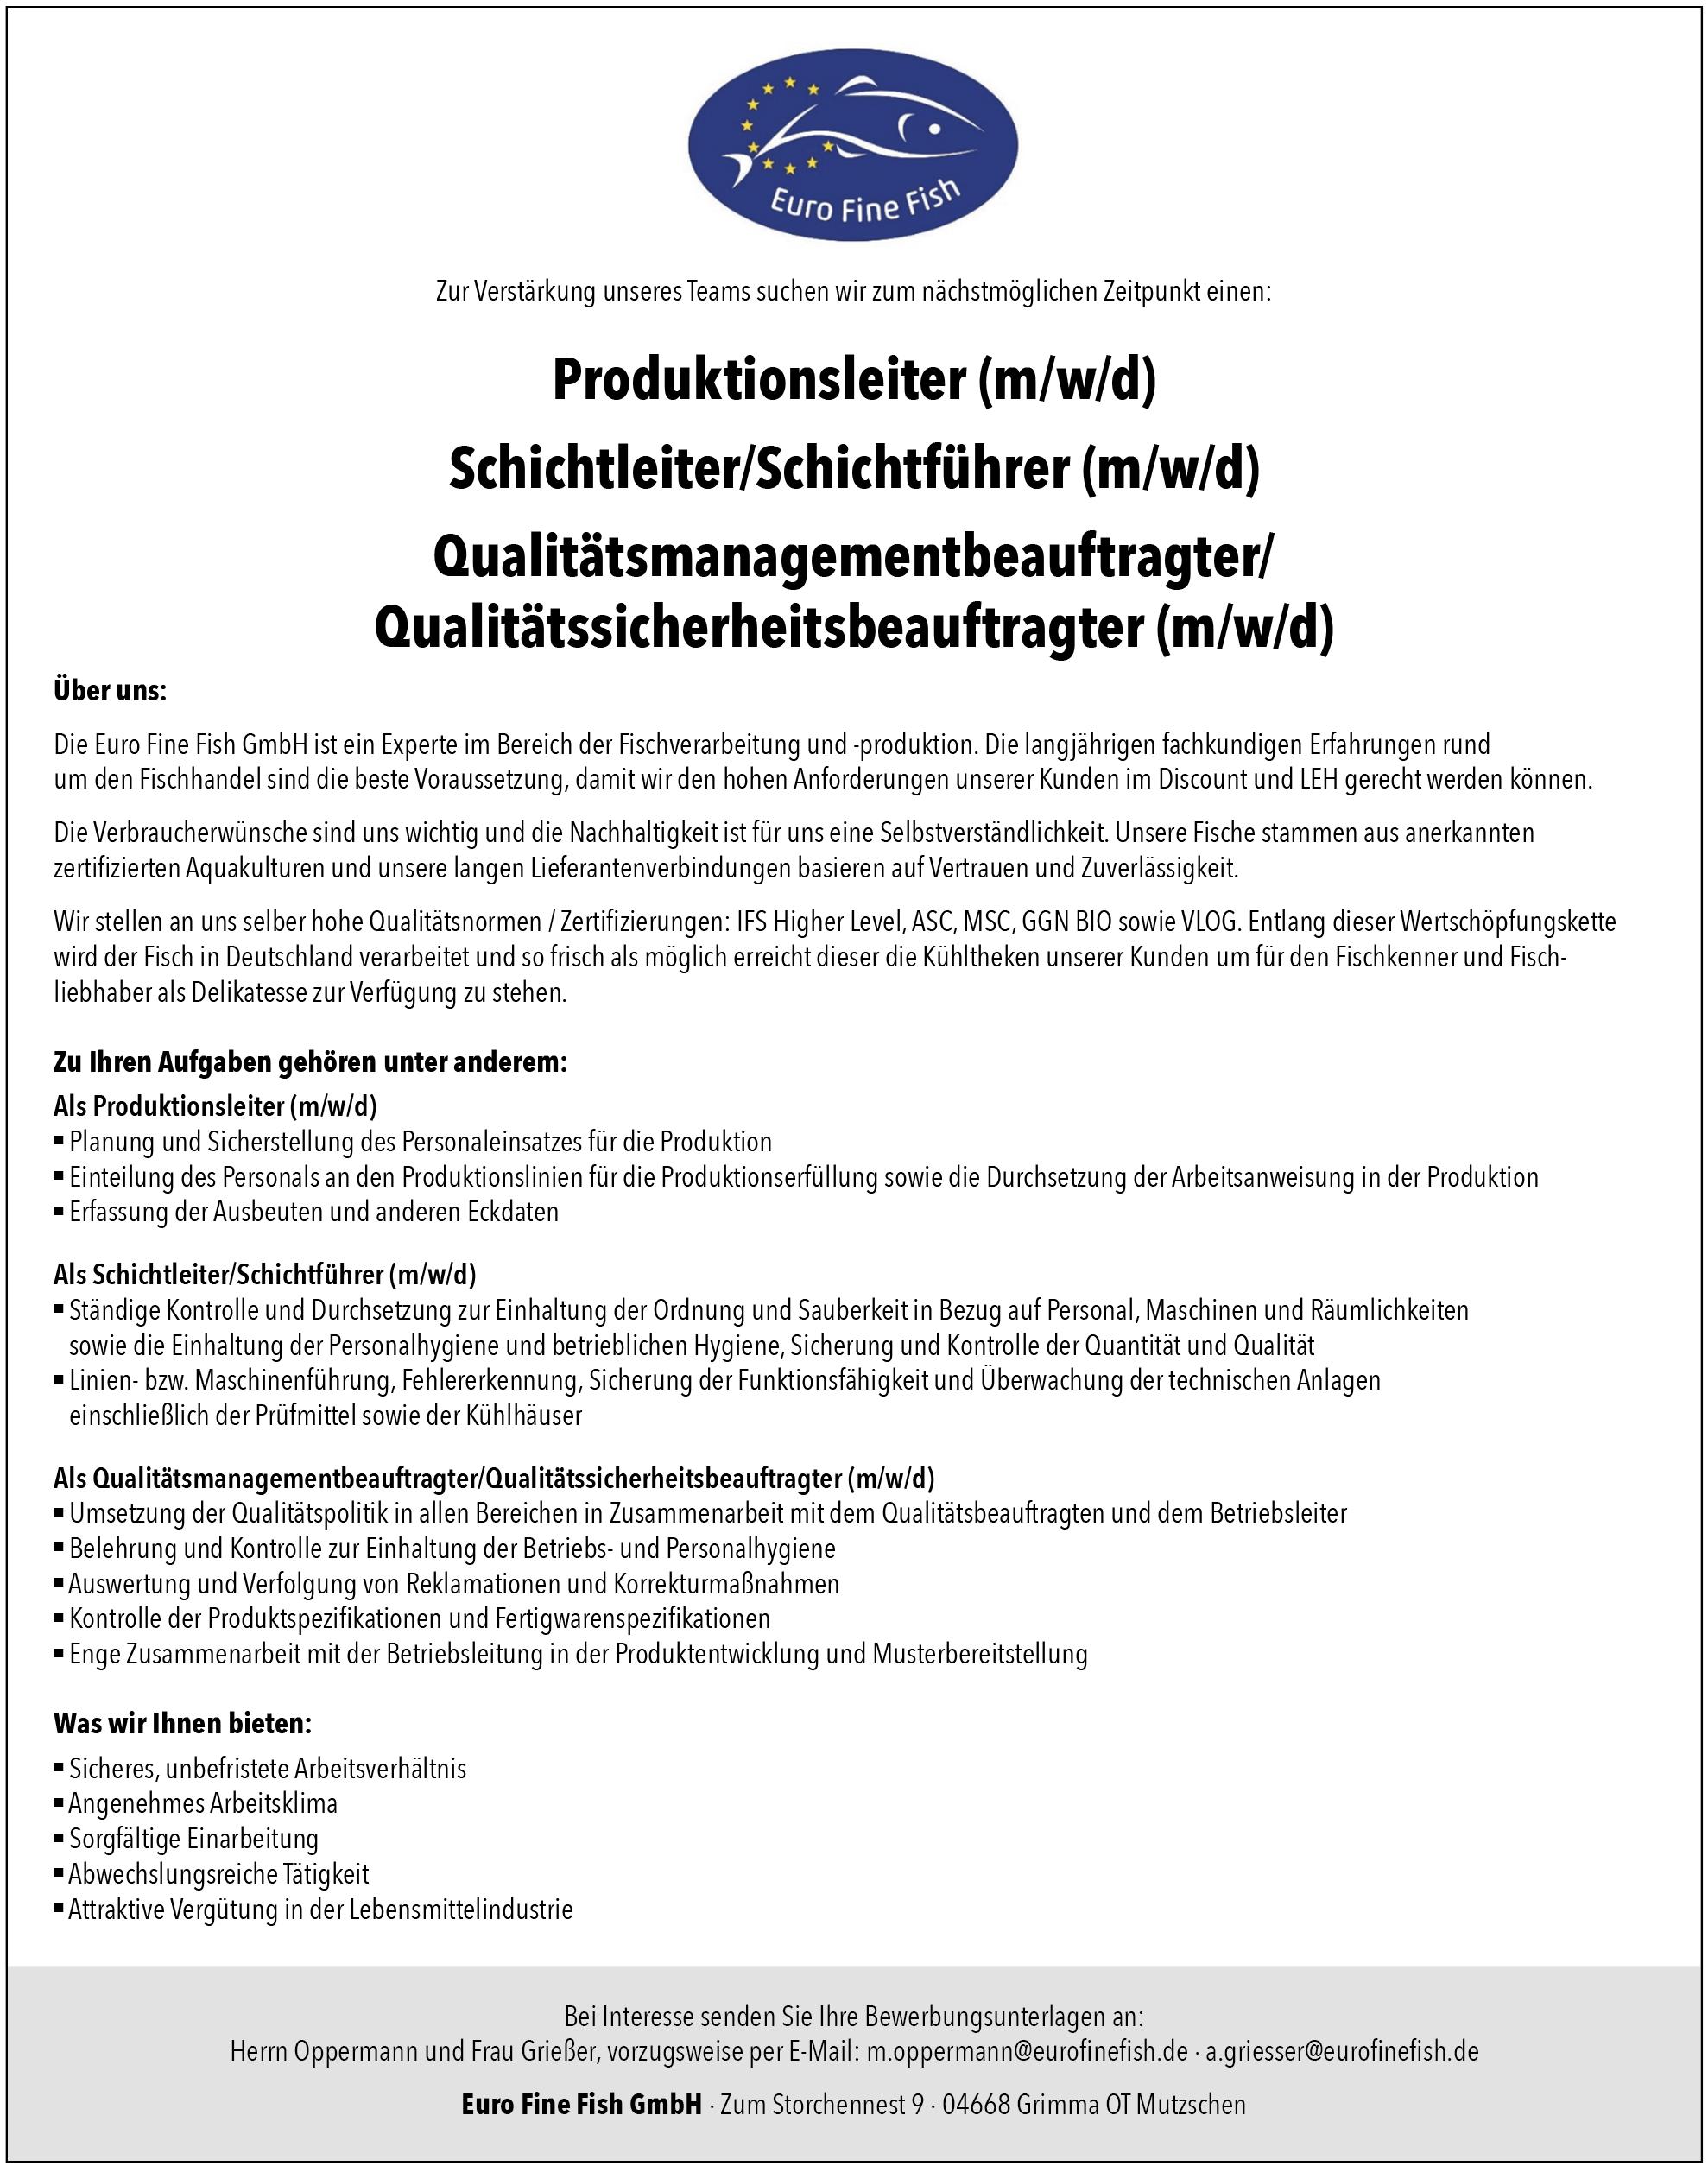 Produktionsleiter (m/w/d), Schichtleiter (m/w/d), Qualitätsbeauftragter (m/w/d)